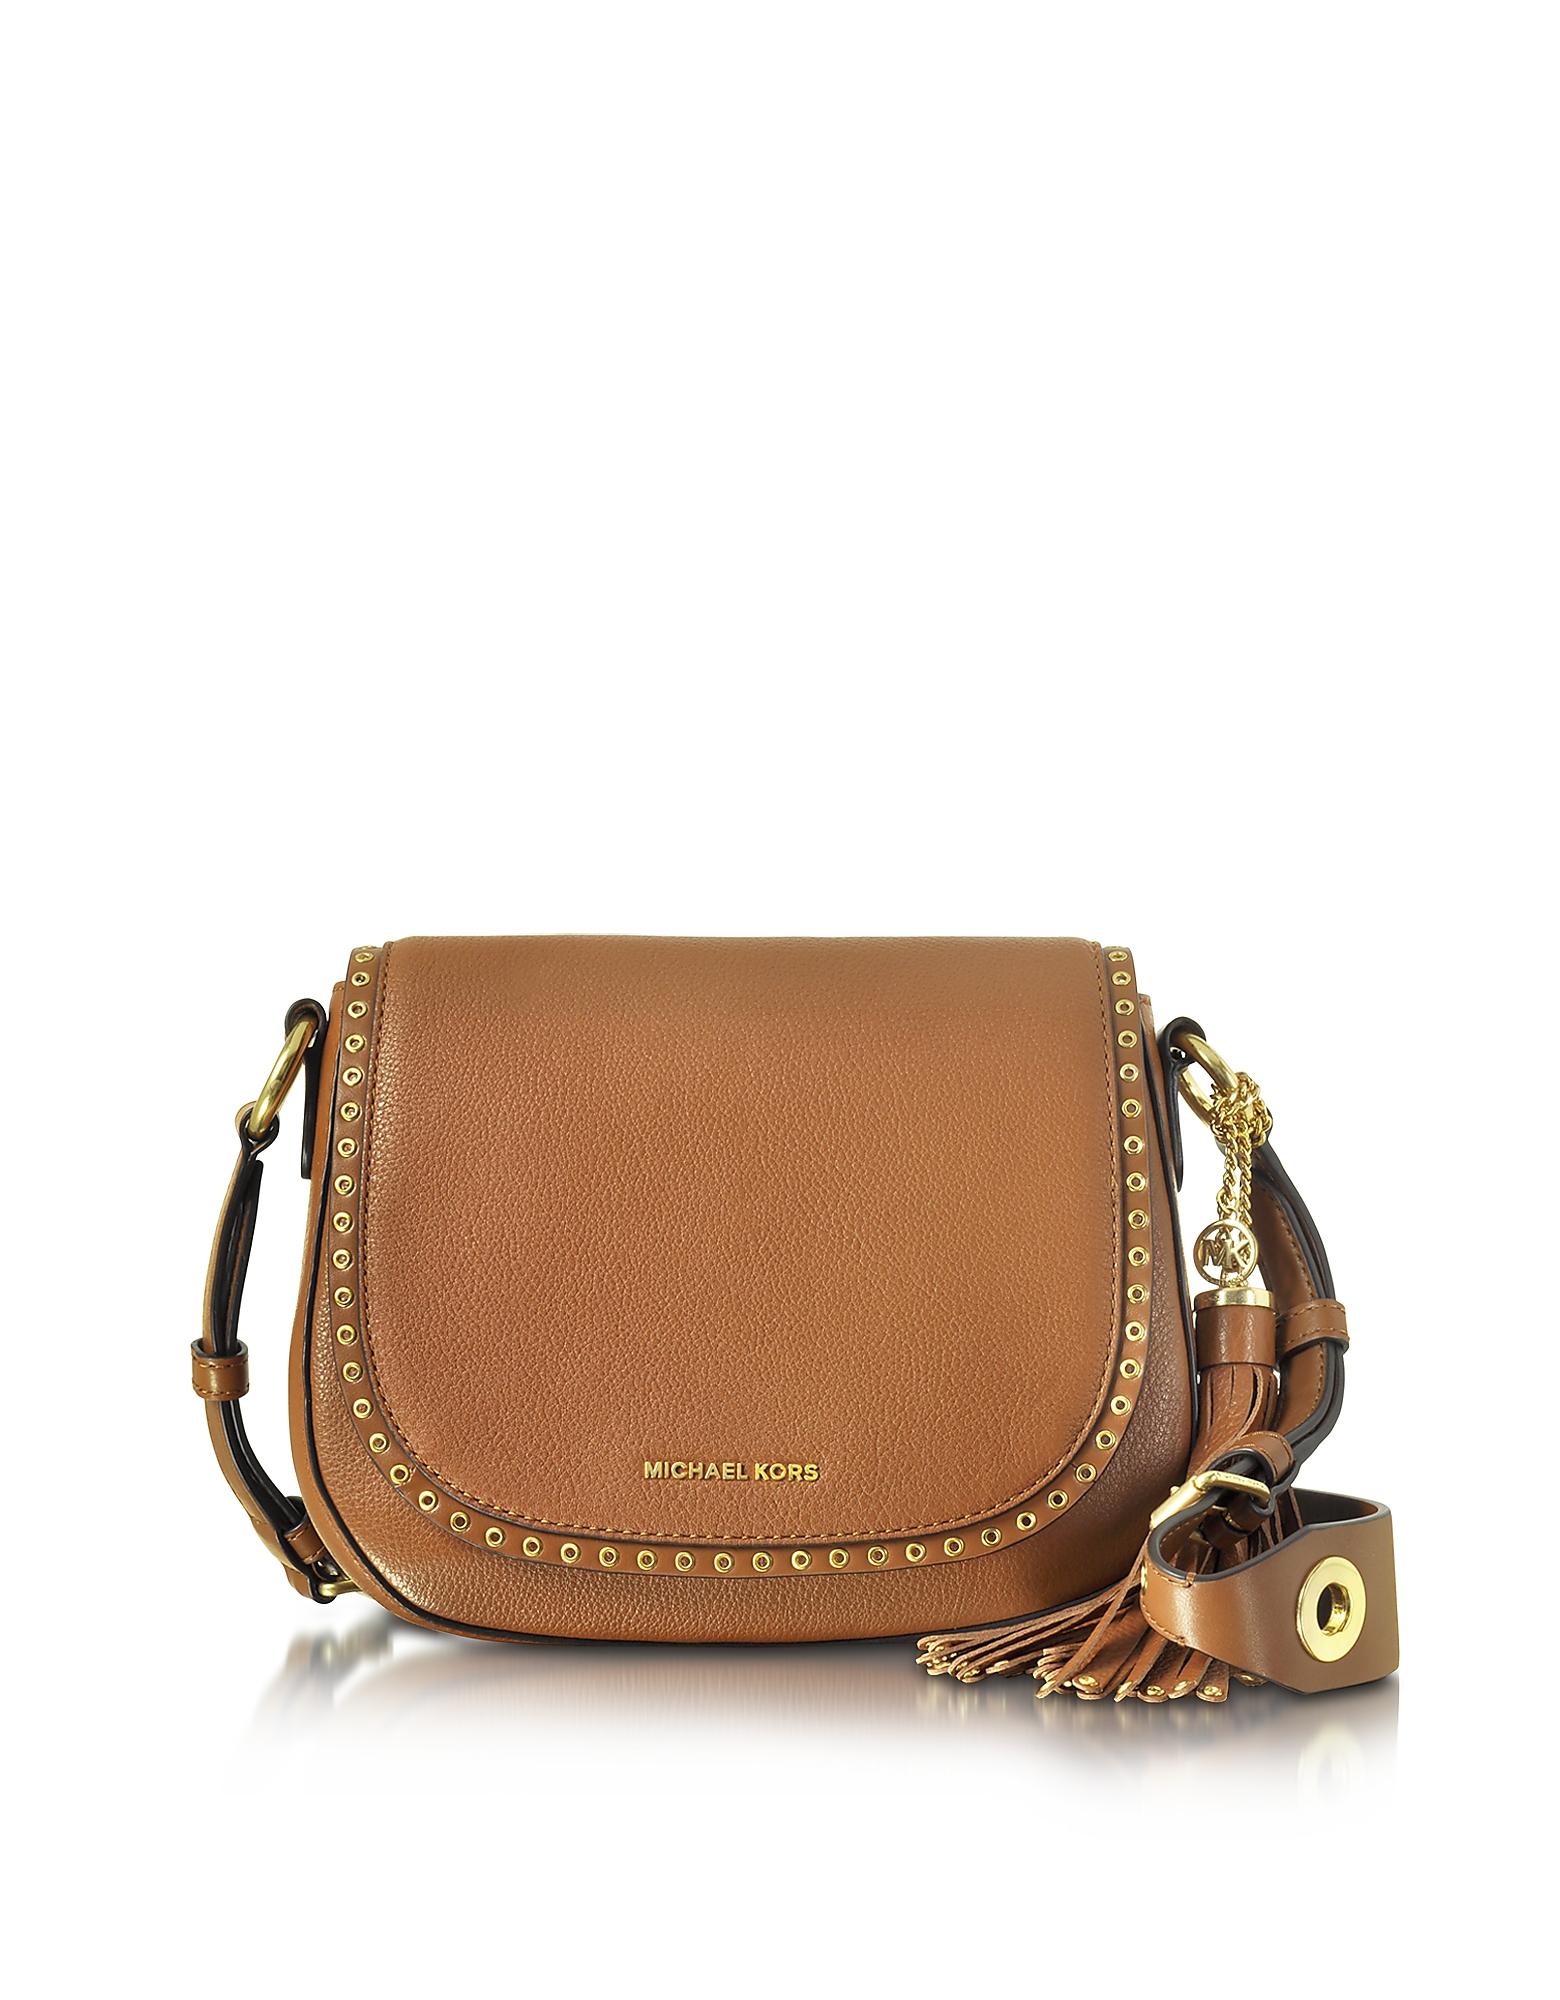 20c887c29f70 ... canada lyst michael kors brooklyn medium luggage leather saddle bag in  brown caba5 93f3c